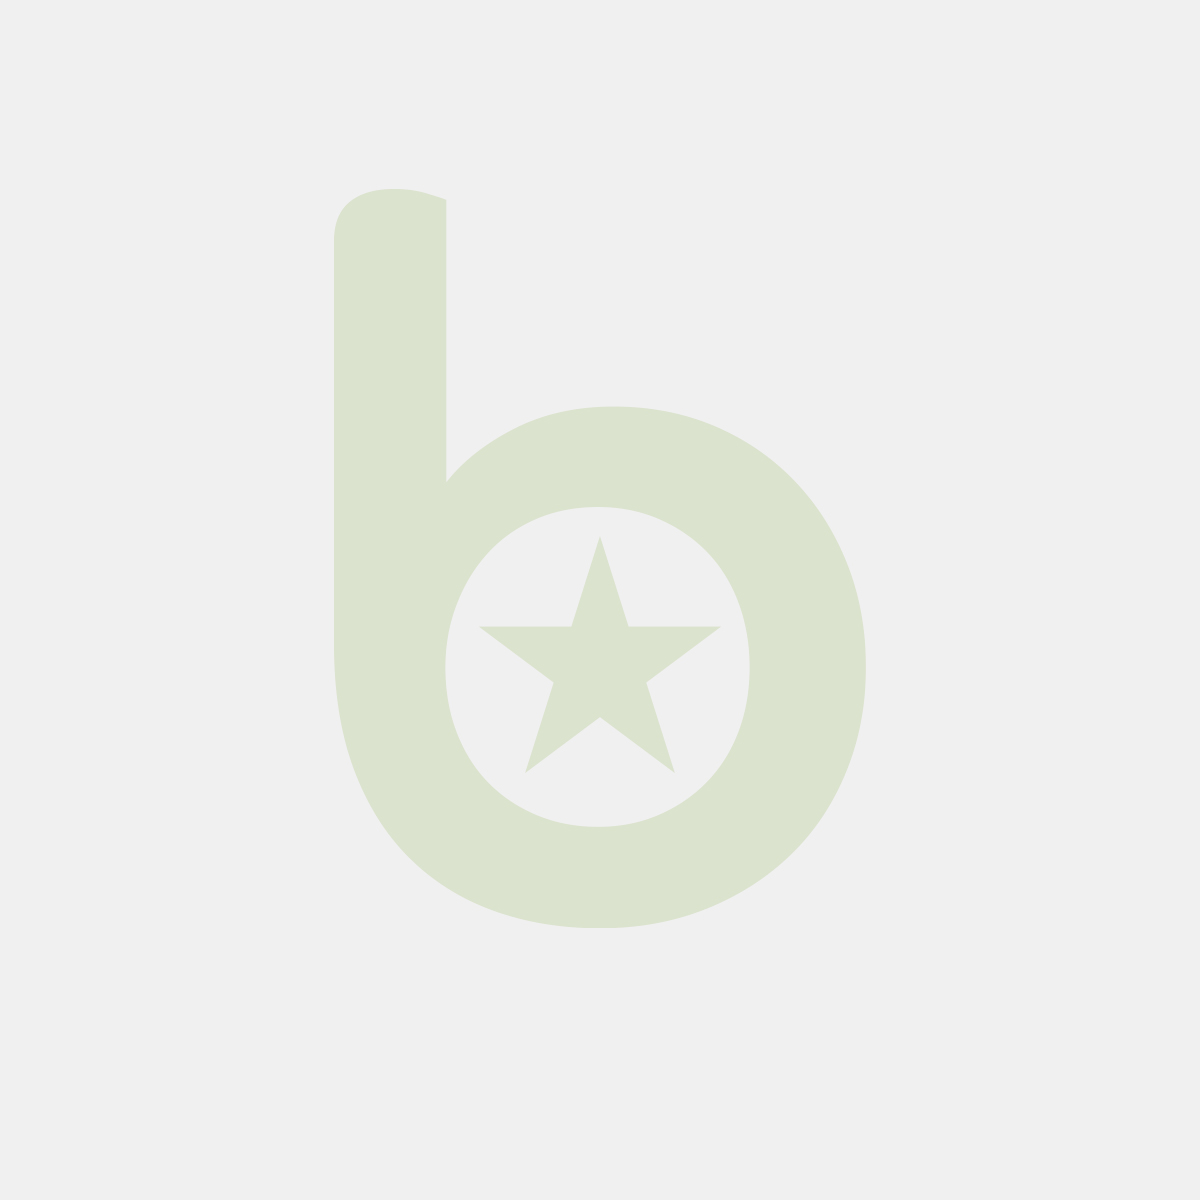 Płyta Grillowa Na Podstawie Z Trzech Stron Zamkniętej - Elektryczna Ryflowana